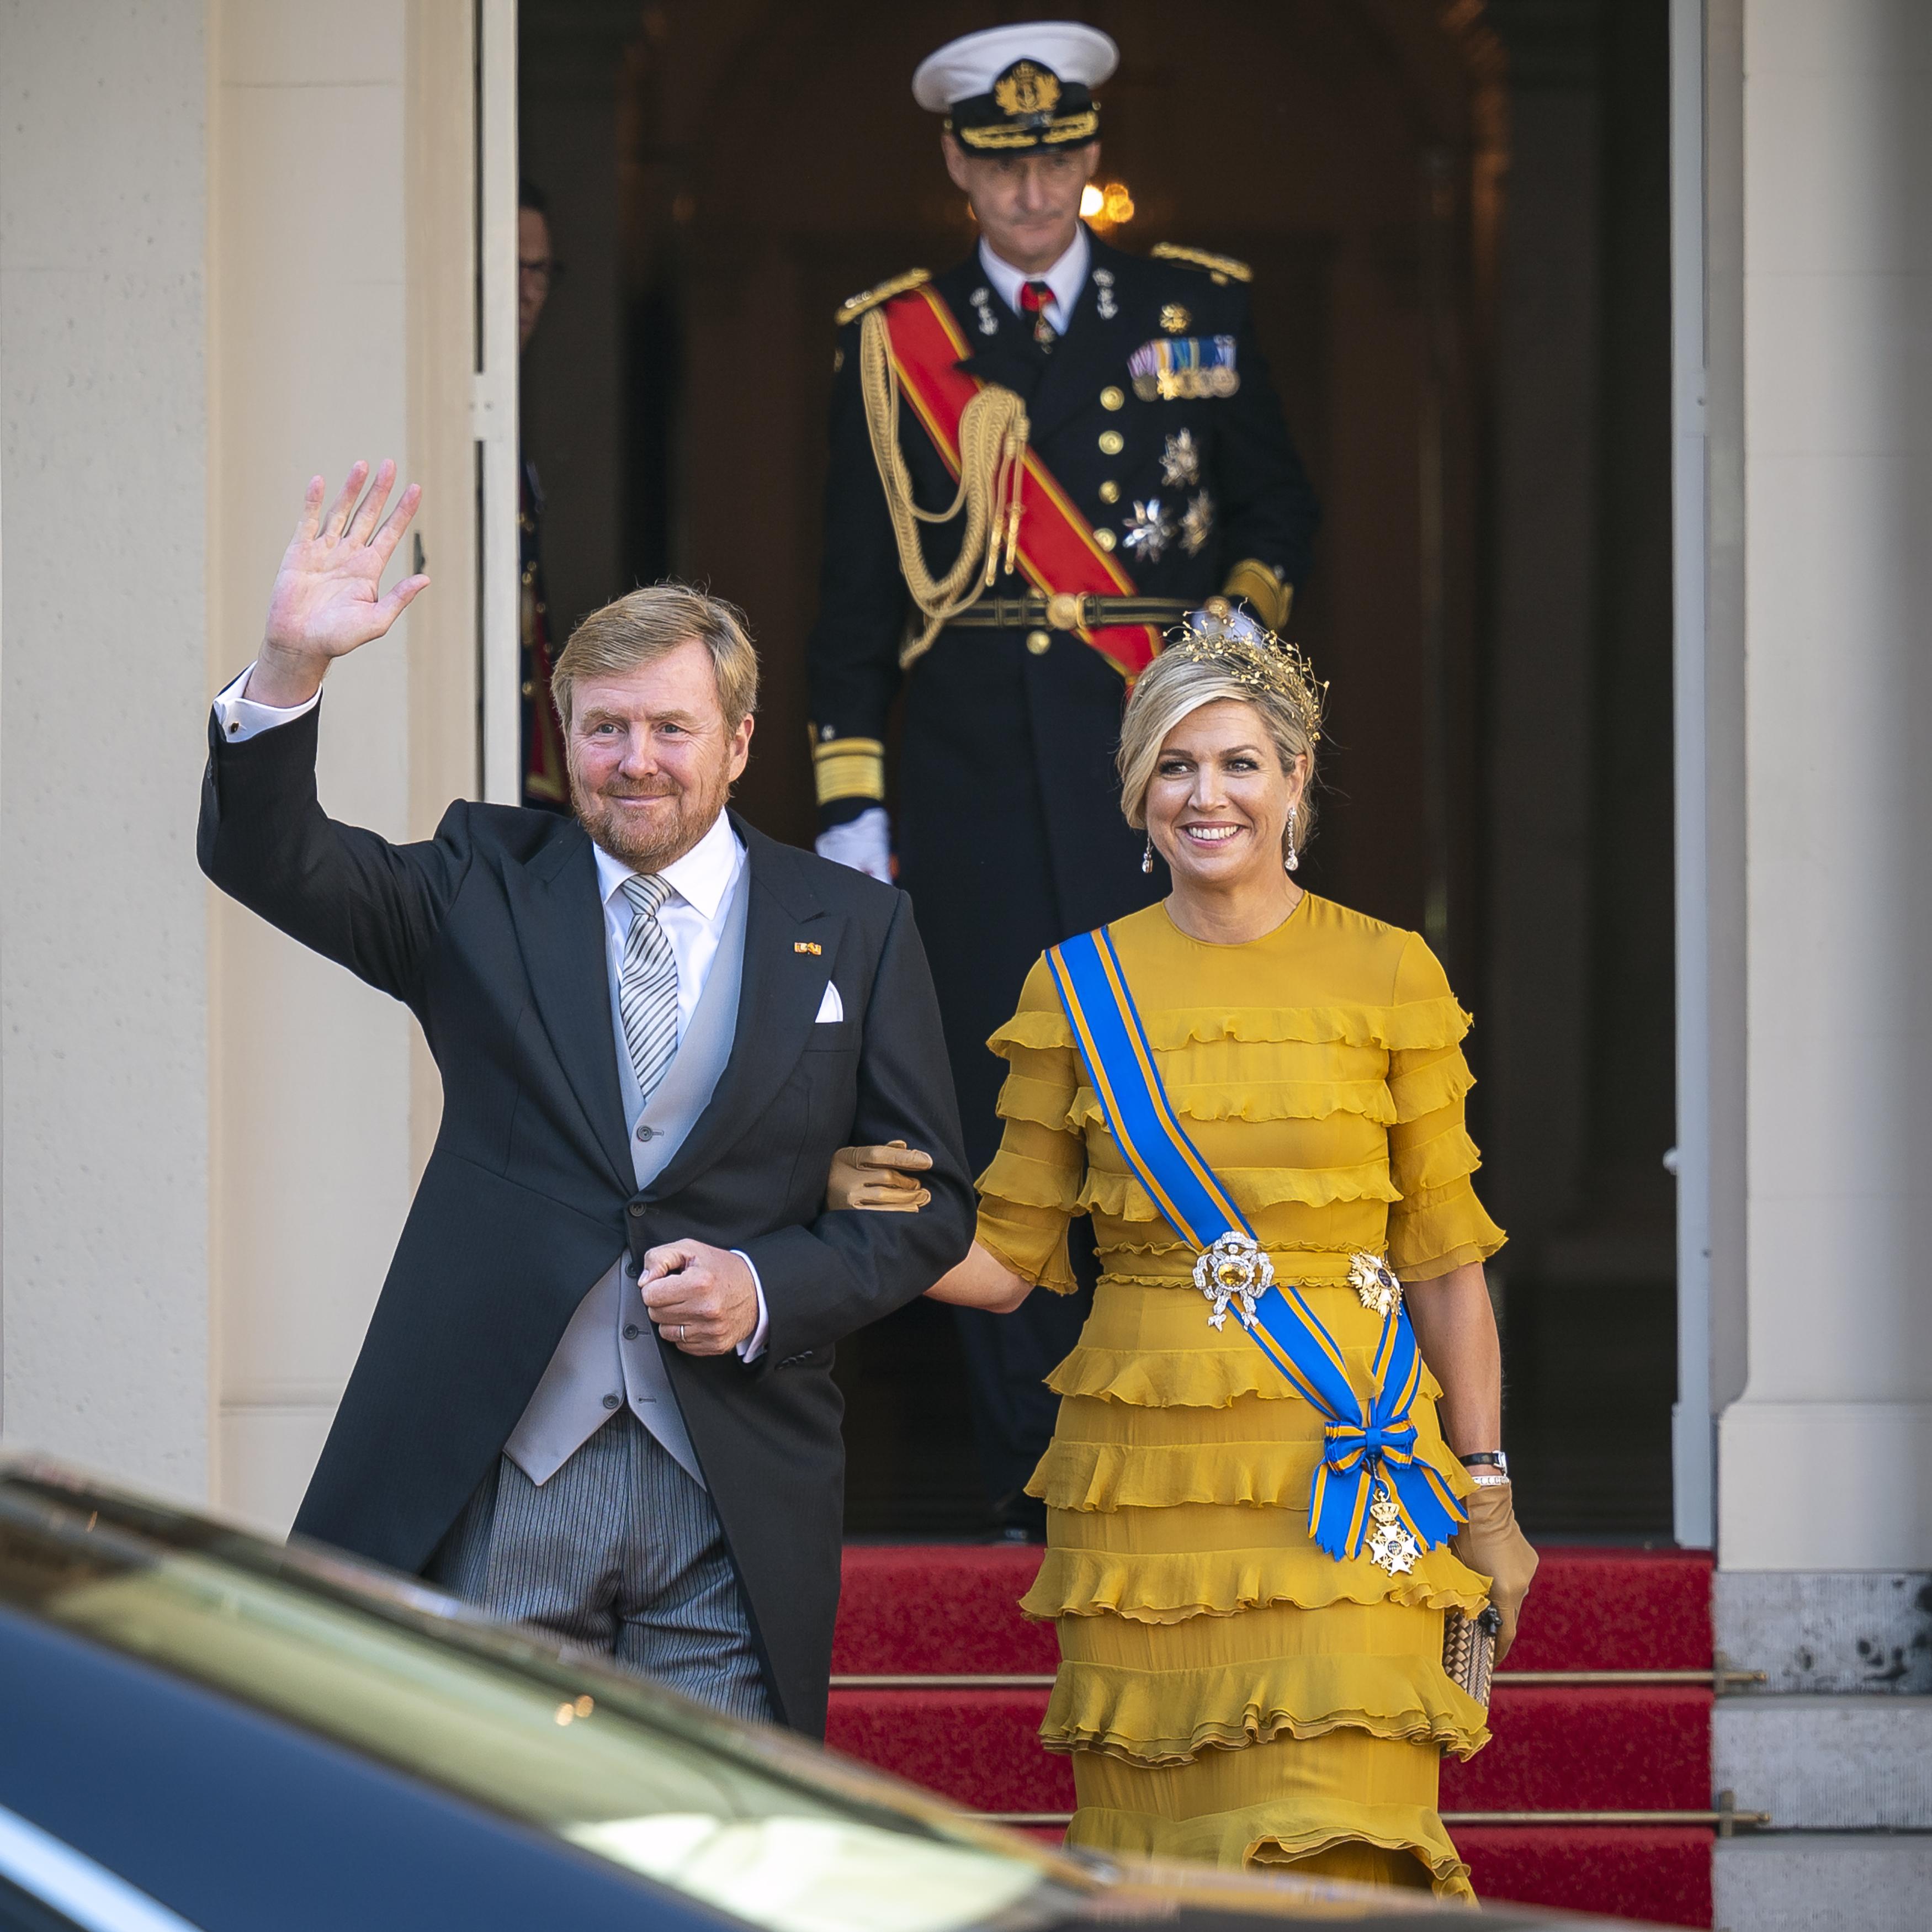 Een foto van Willem-Alexander en Máxima namens het koninklijk huis op Prinsjesdag